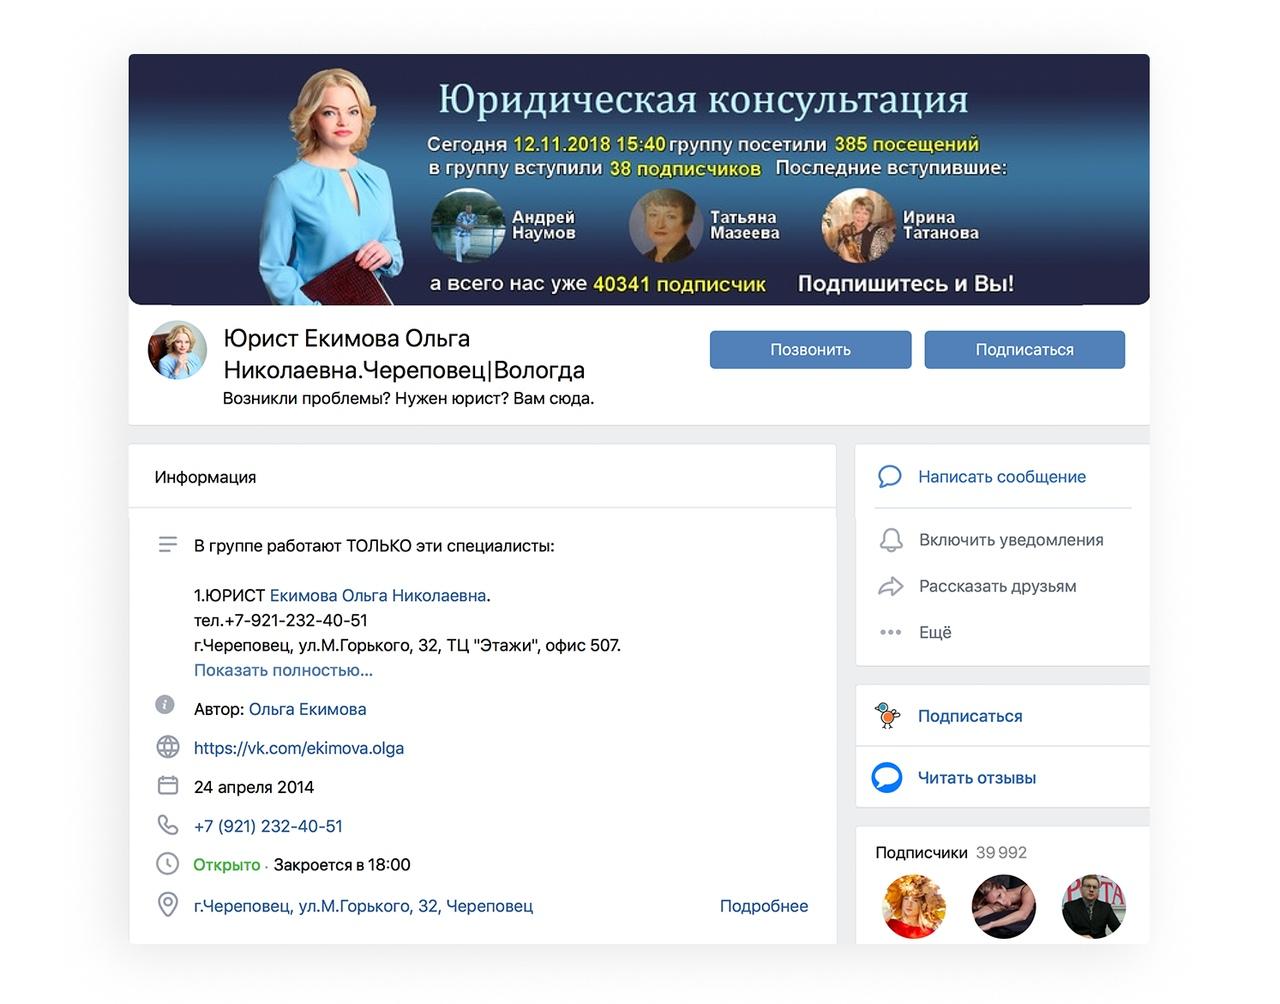 Оформление сообщества Ольги Екимовой